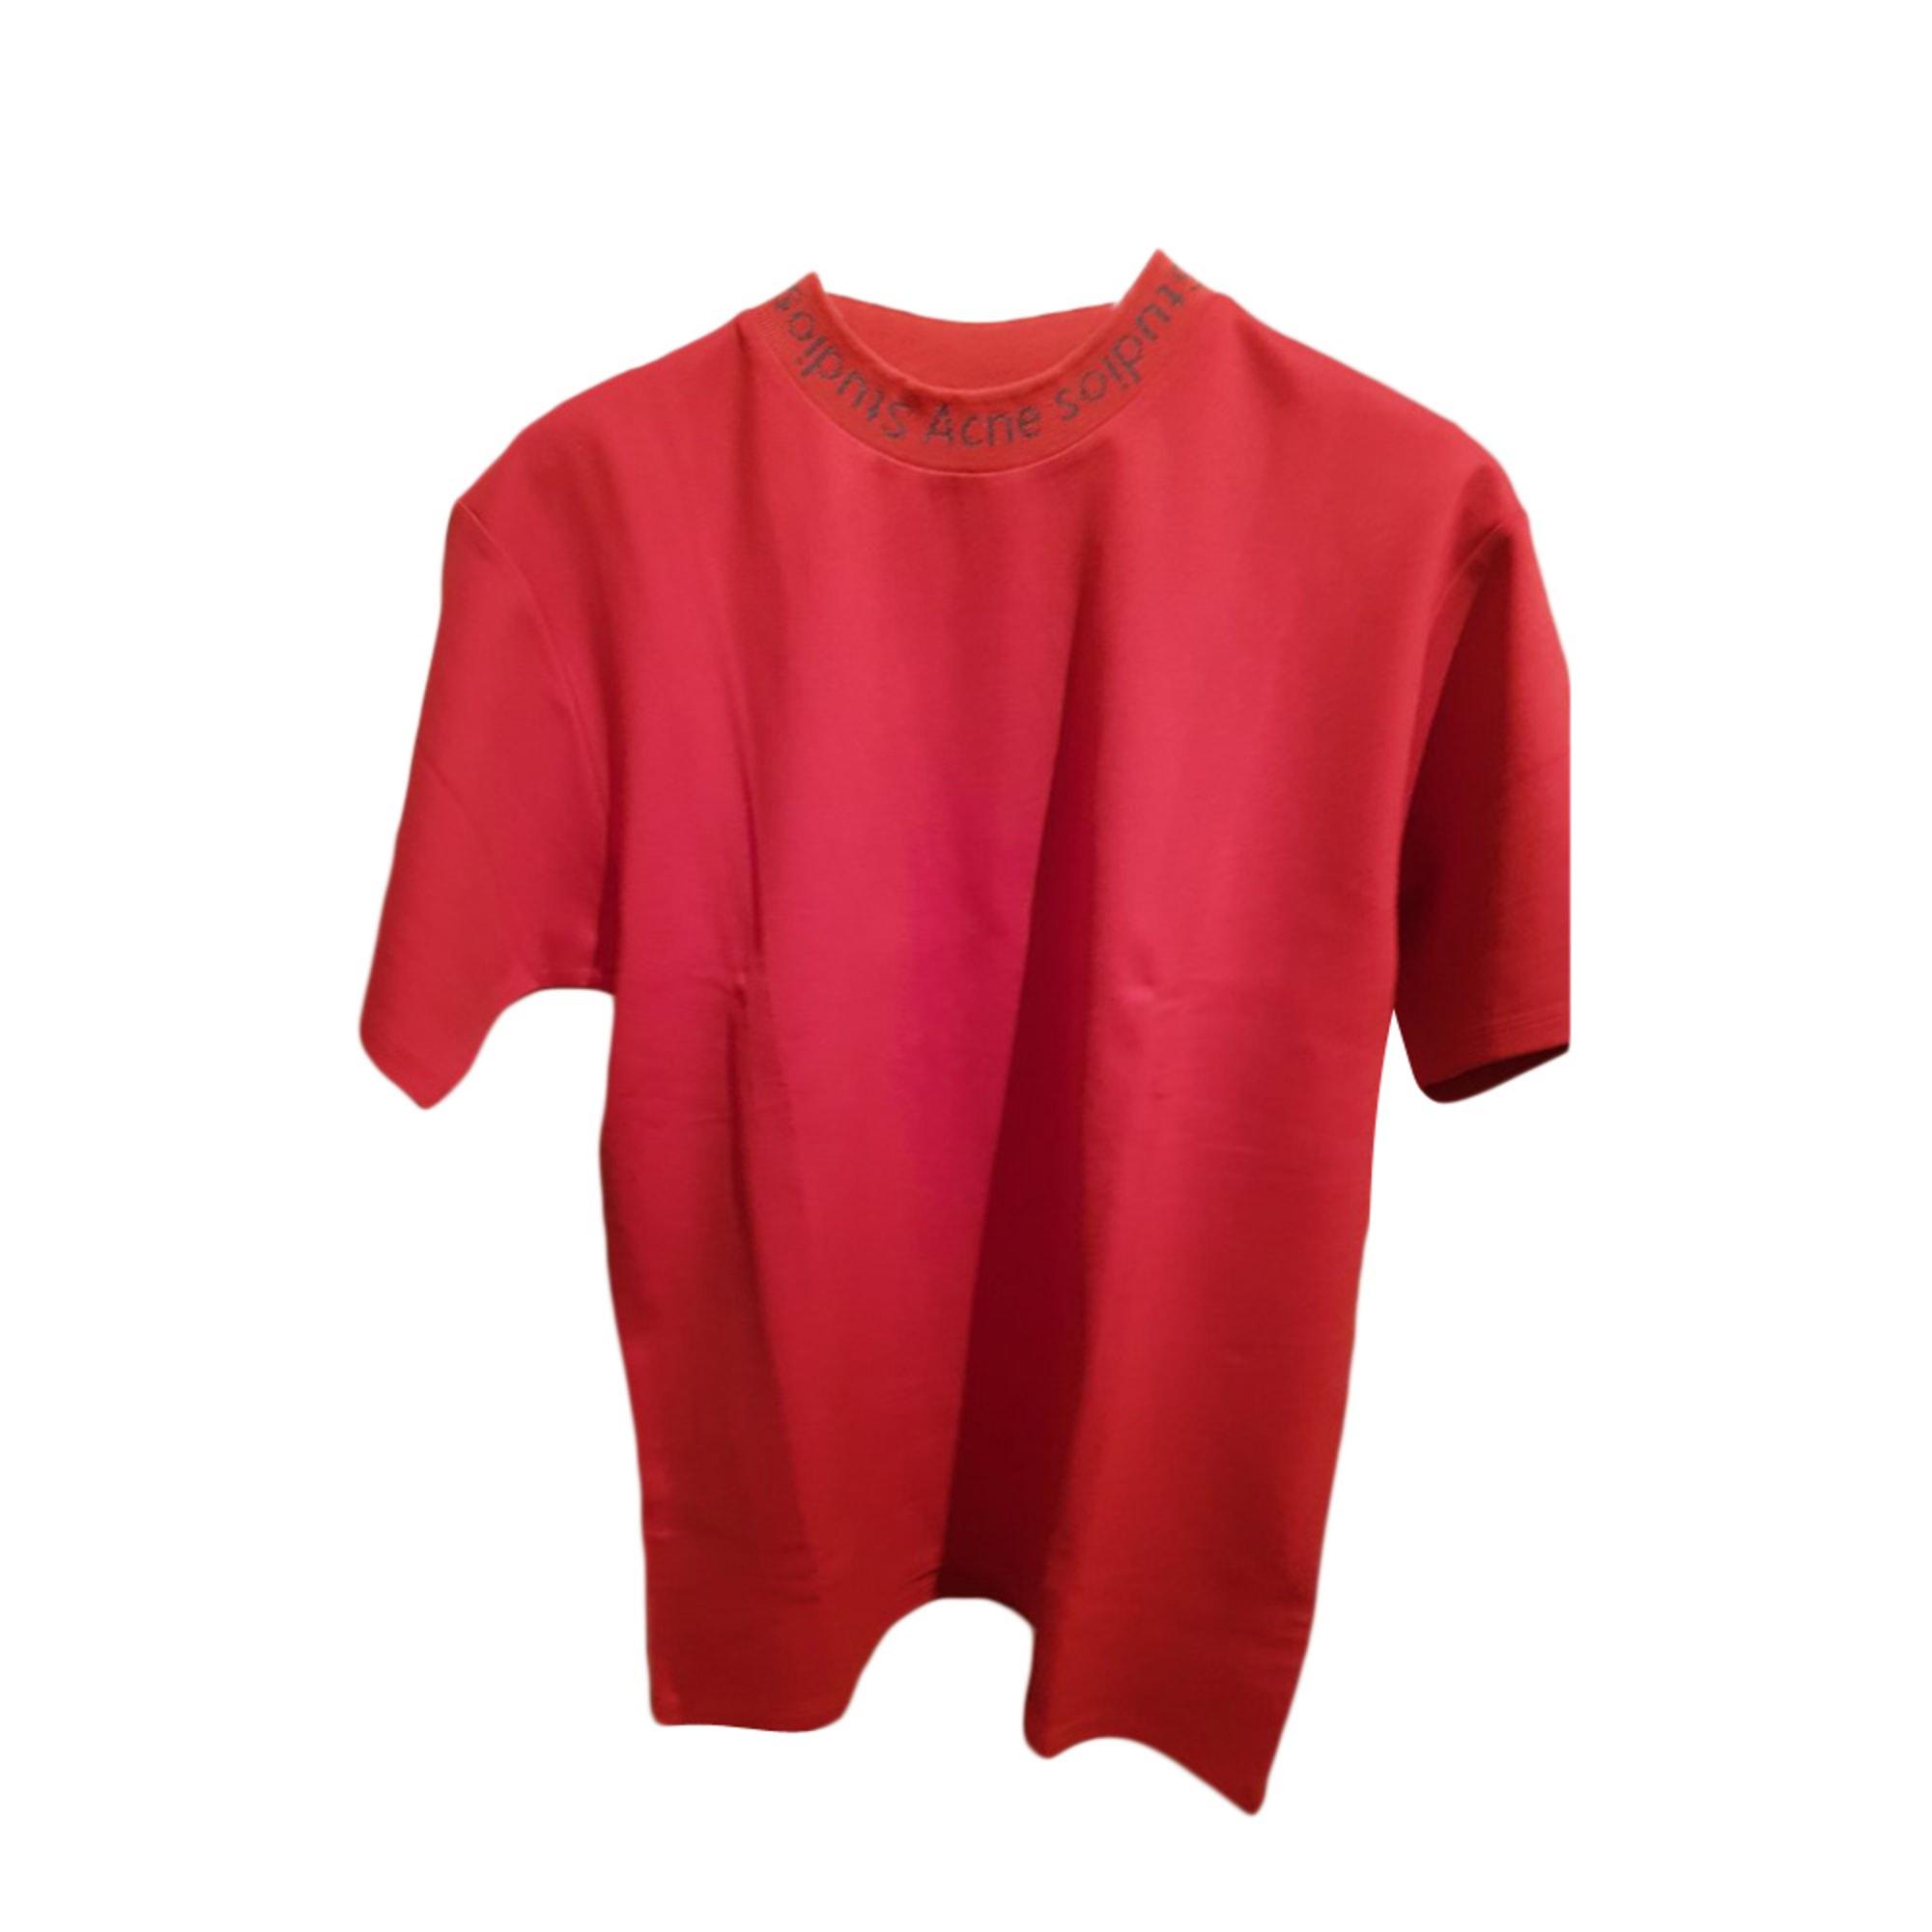 Tee-shirt ACNE Rouge, bordeaux